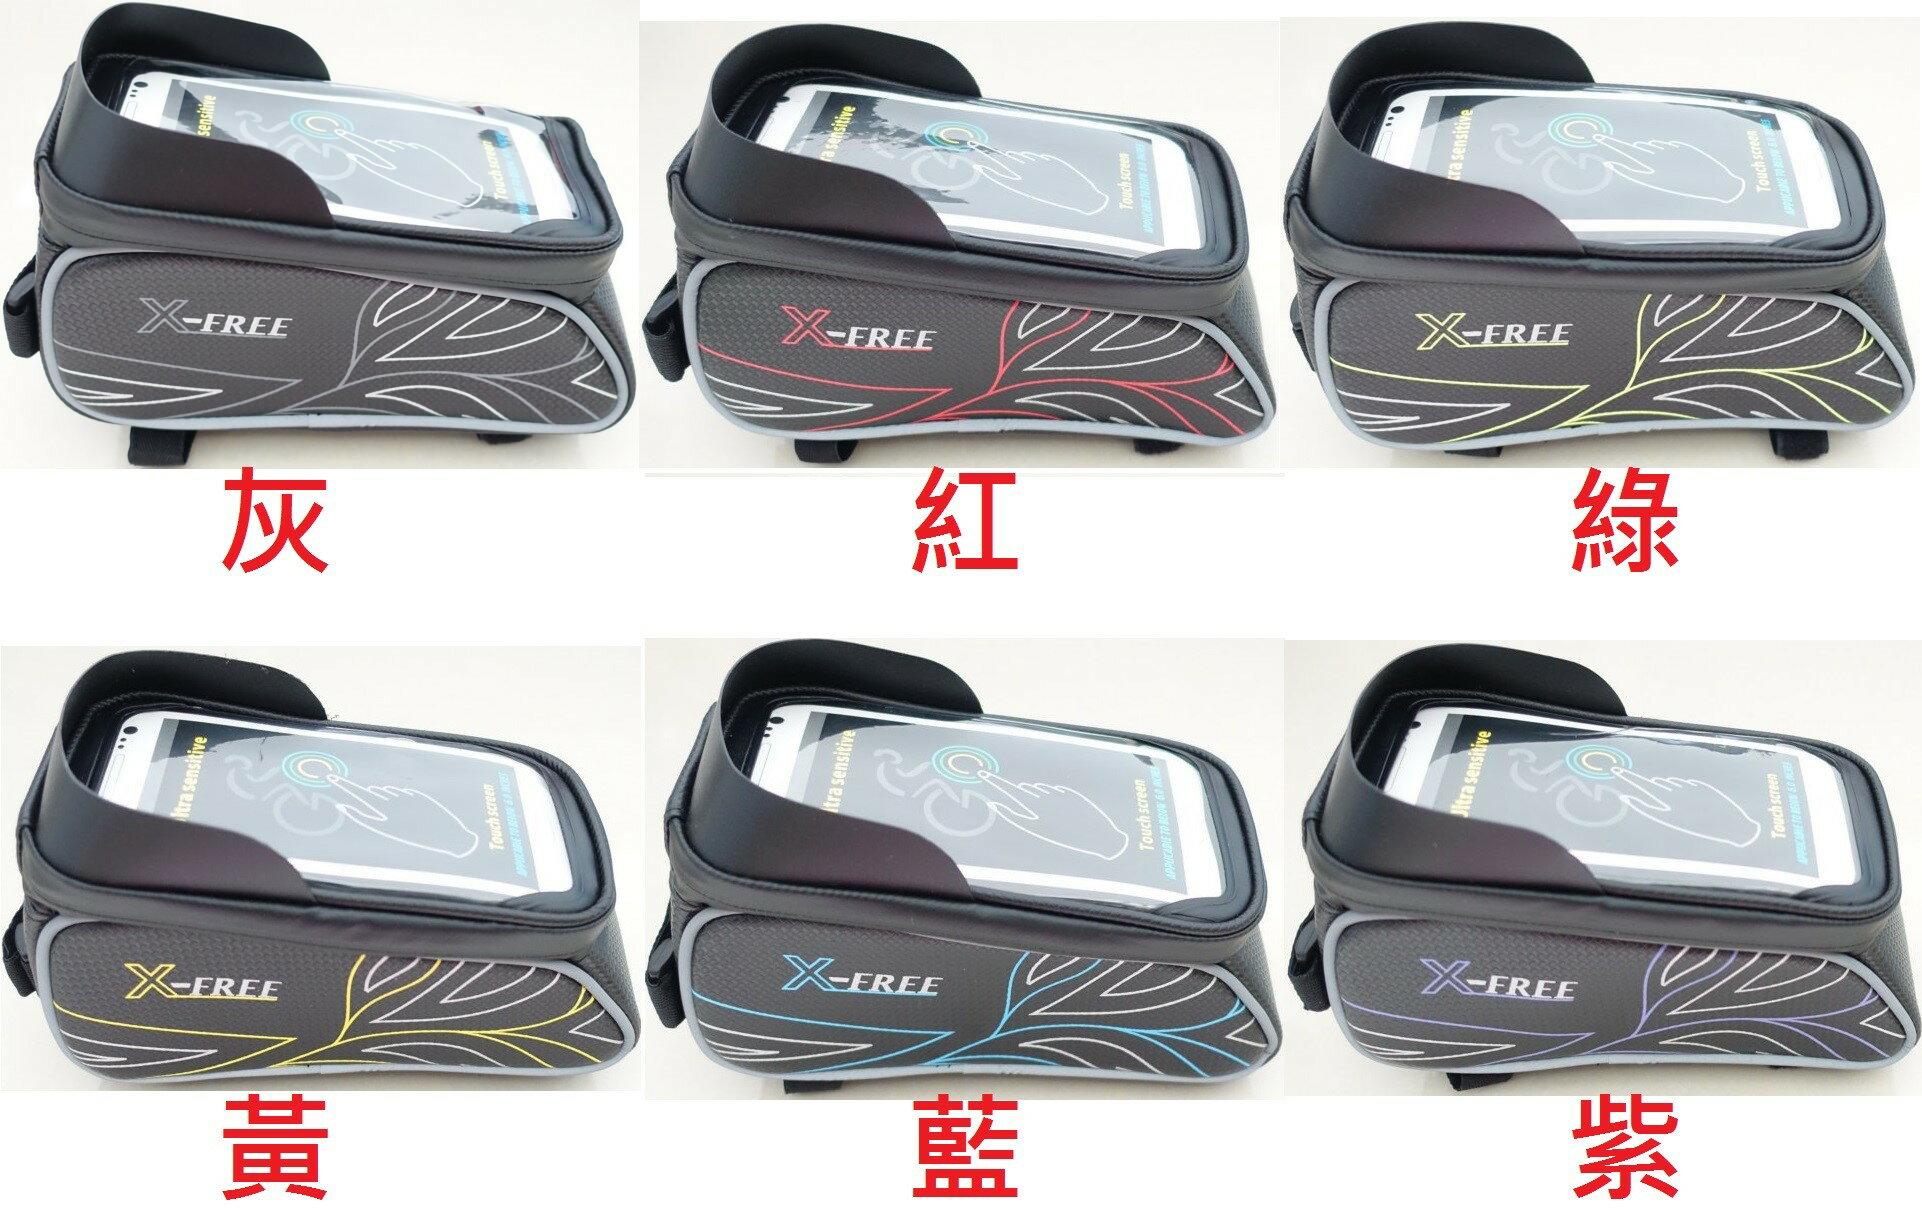 《意生》2016新款六色X-FREE 020遮光上管包 腳踏車上管馬鞍包小馬鞍手機袋手機座自行車包手機包置物袋馬鞍袋